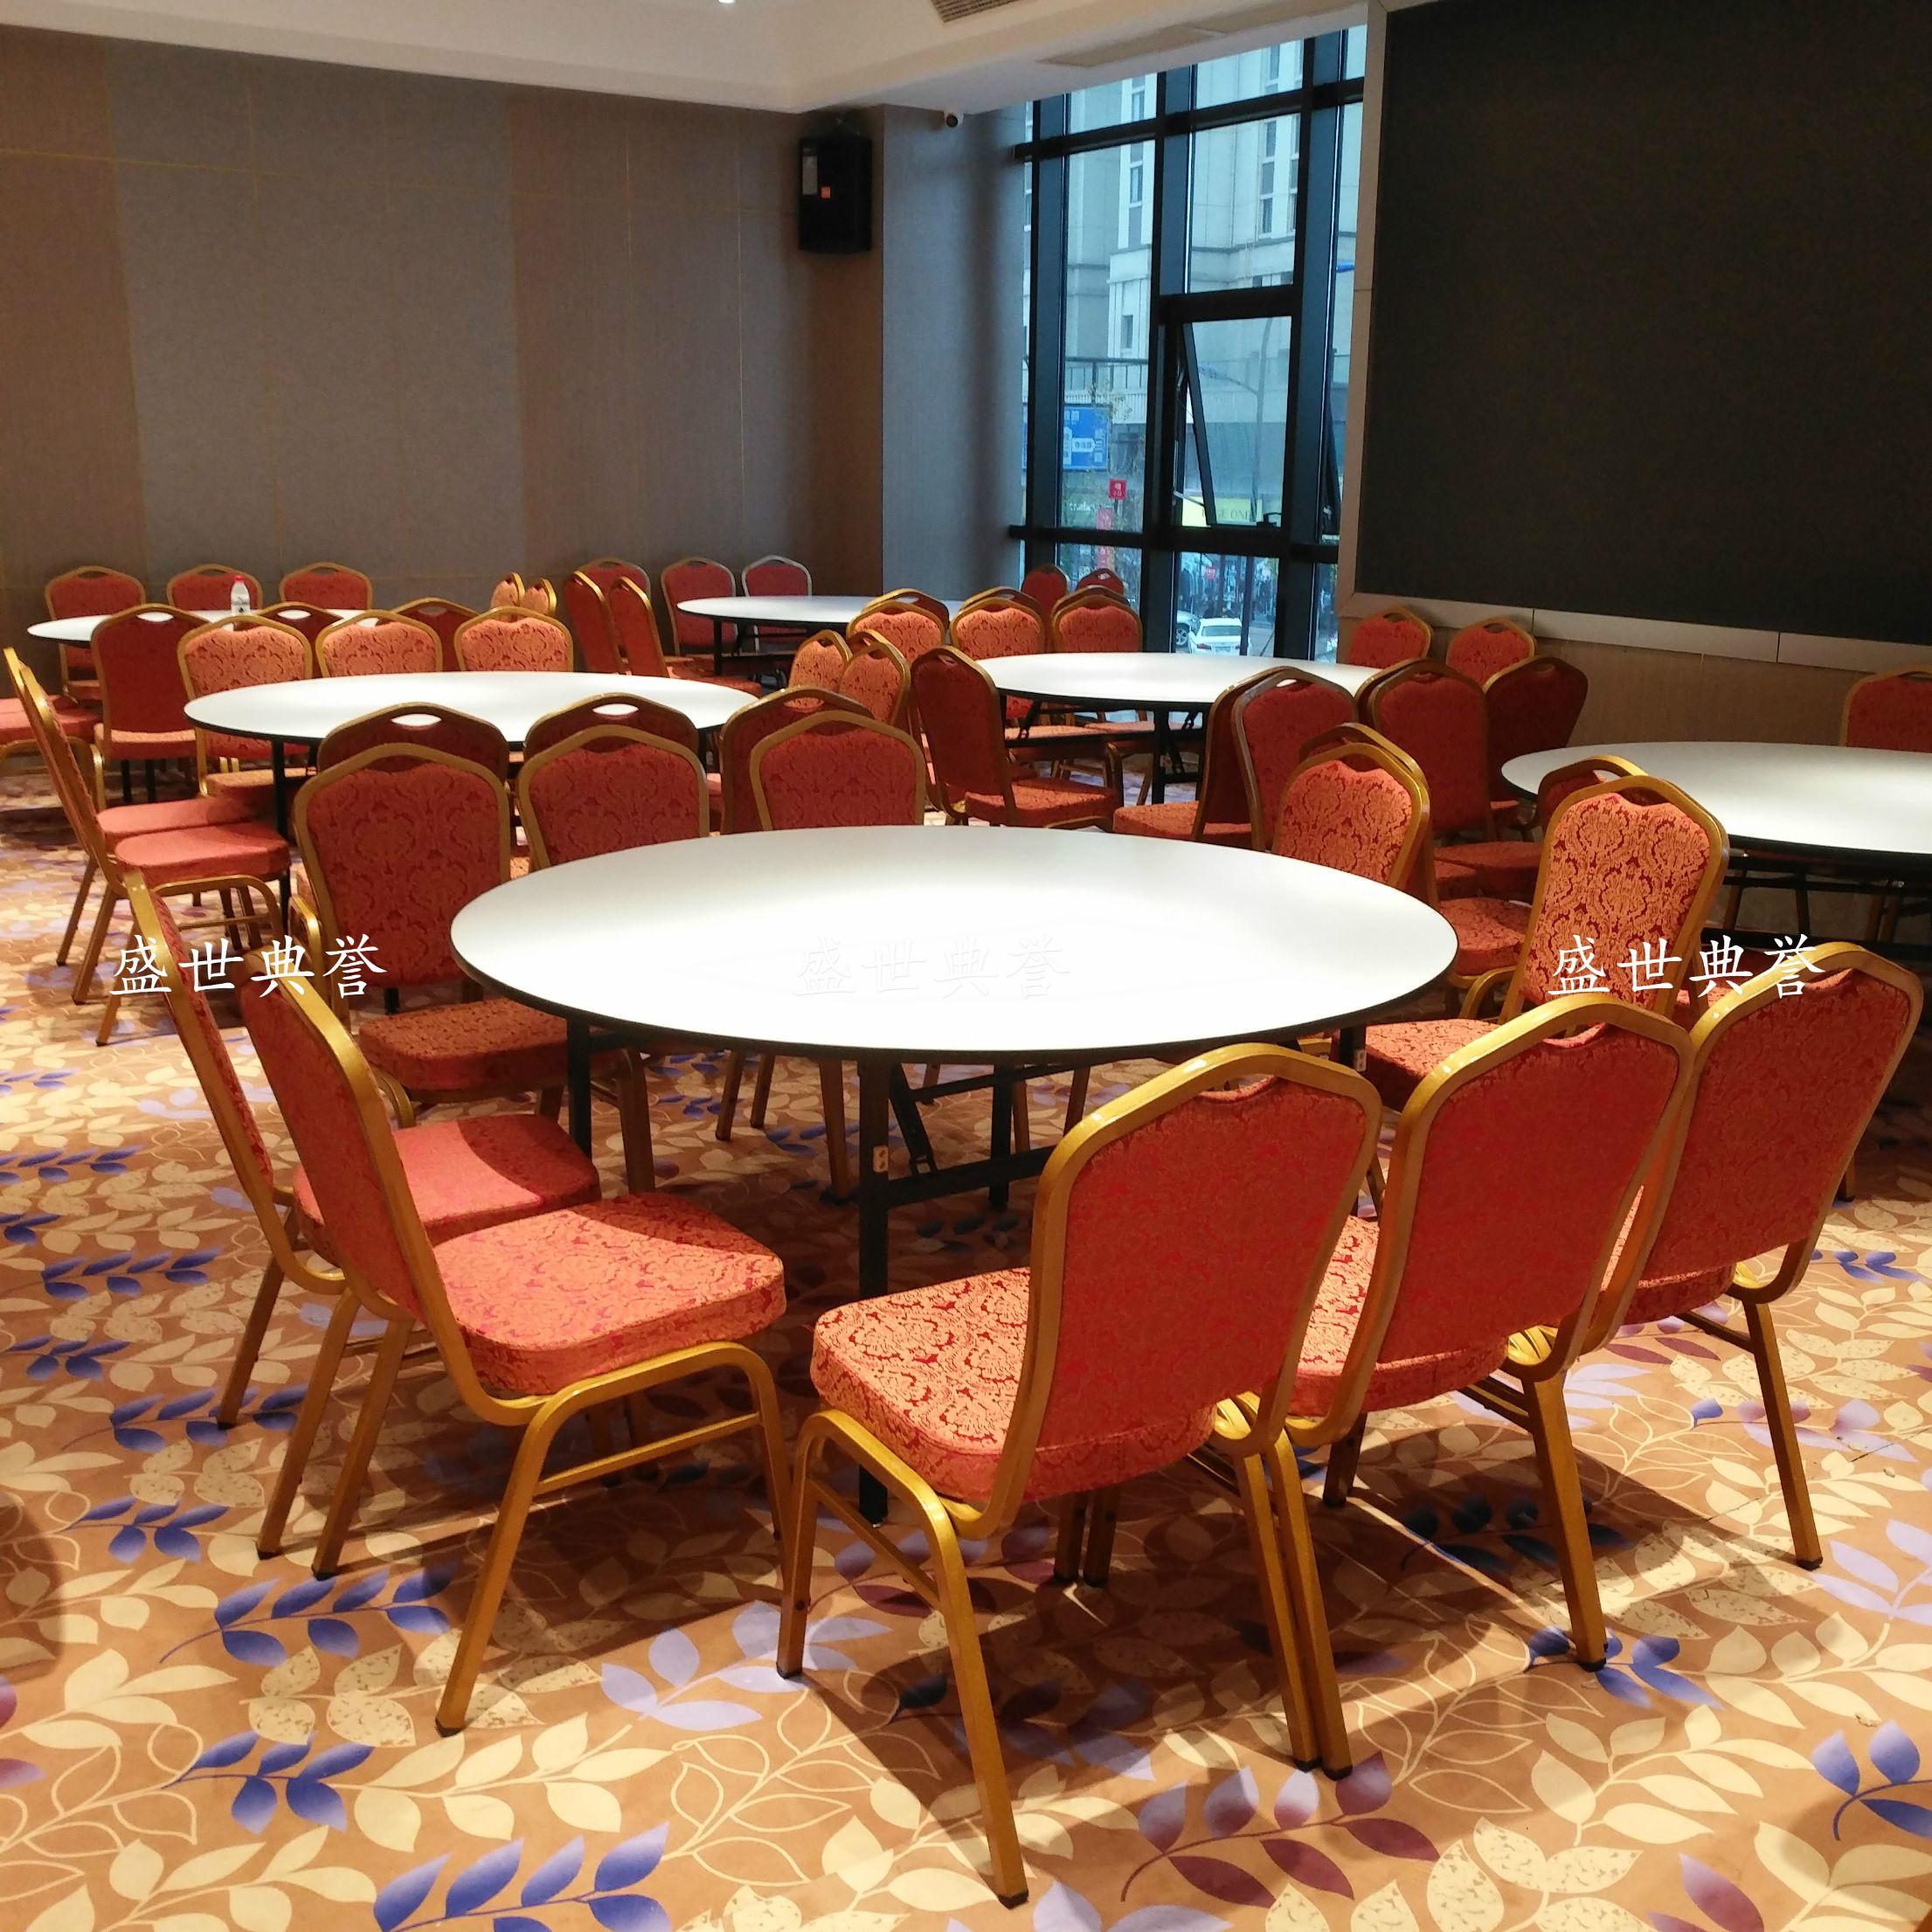 上海酒店餐厅宴会餐桌椅饭店酒席桌椅会议室折叠钢椅金属酒店椅